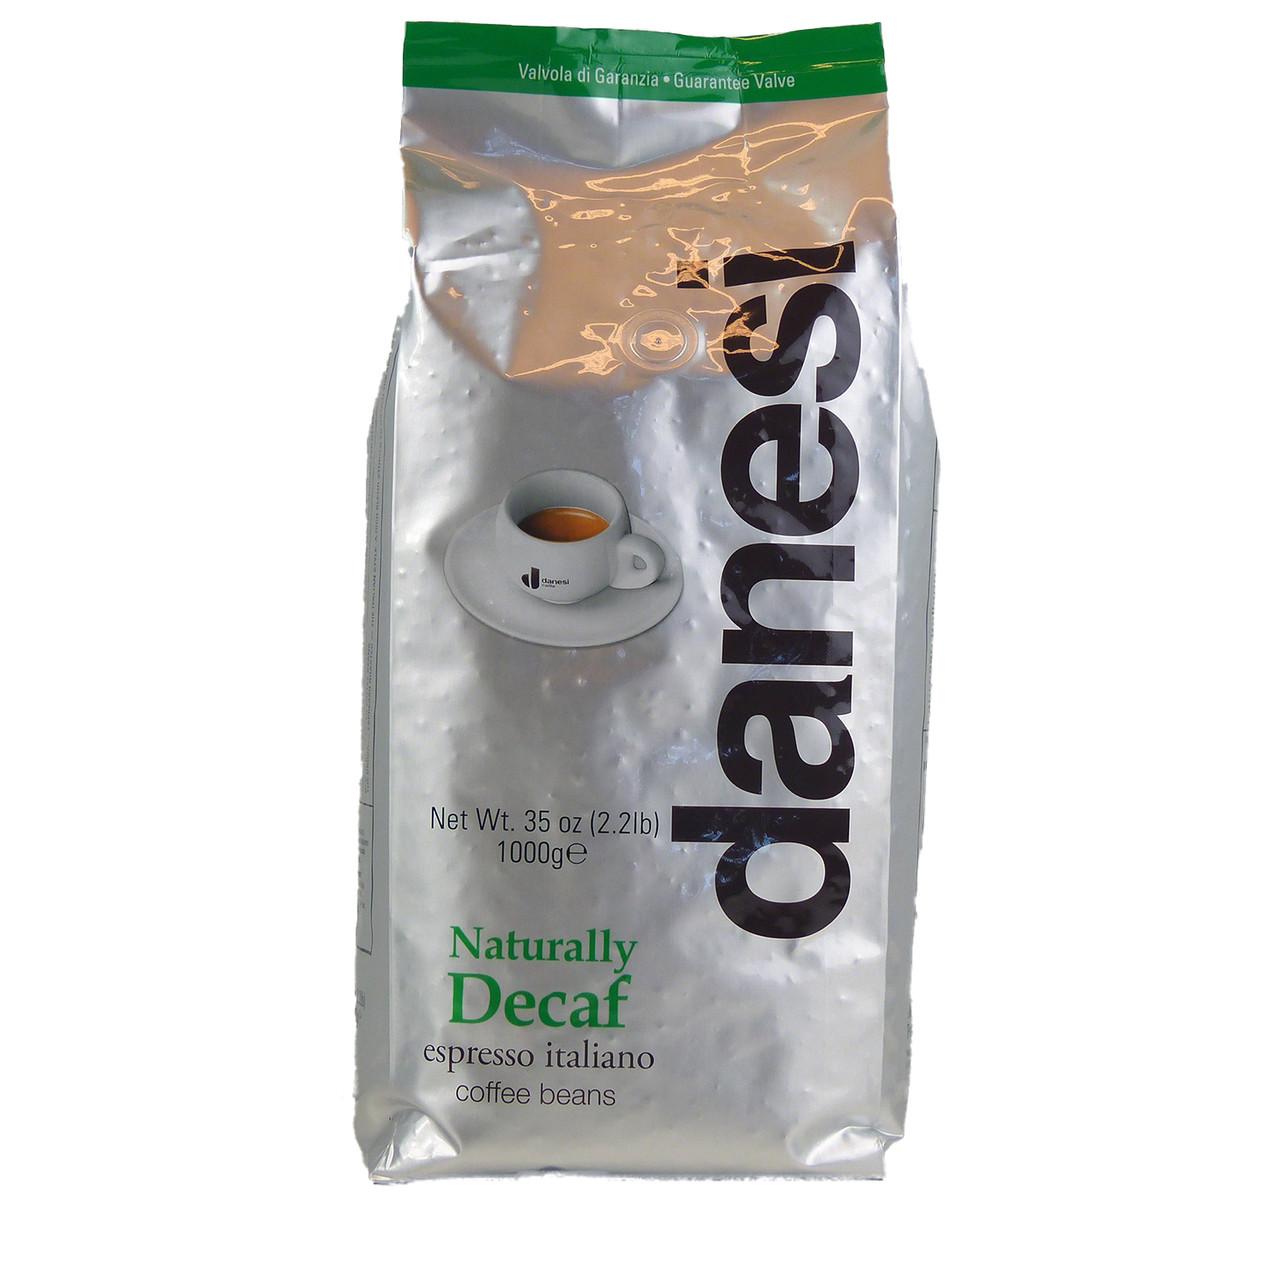 Danesi Decaf Espresso Coffee Free Shipping Espresso Coffee